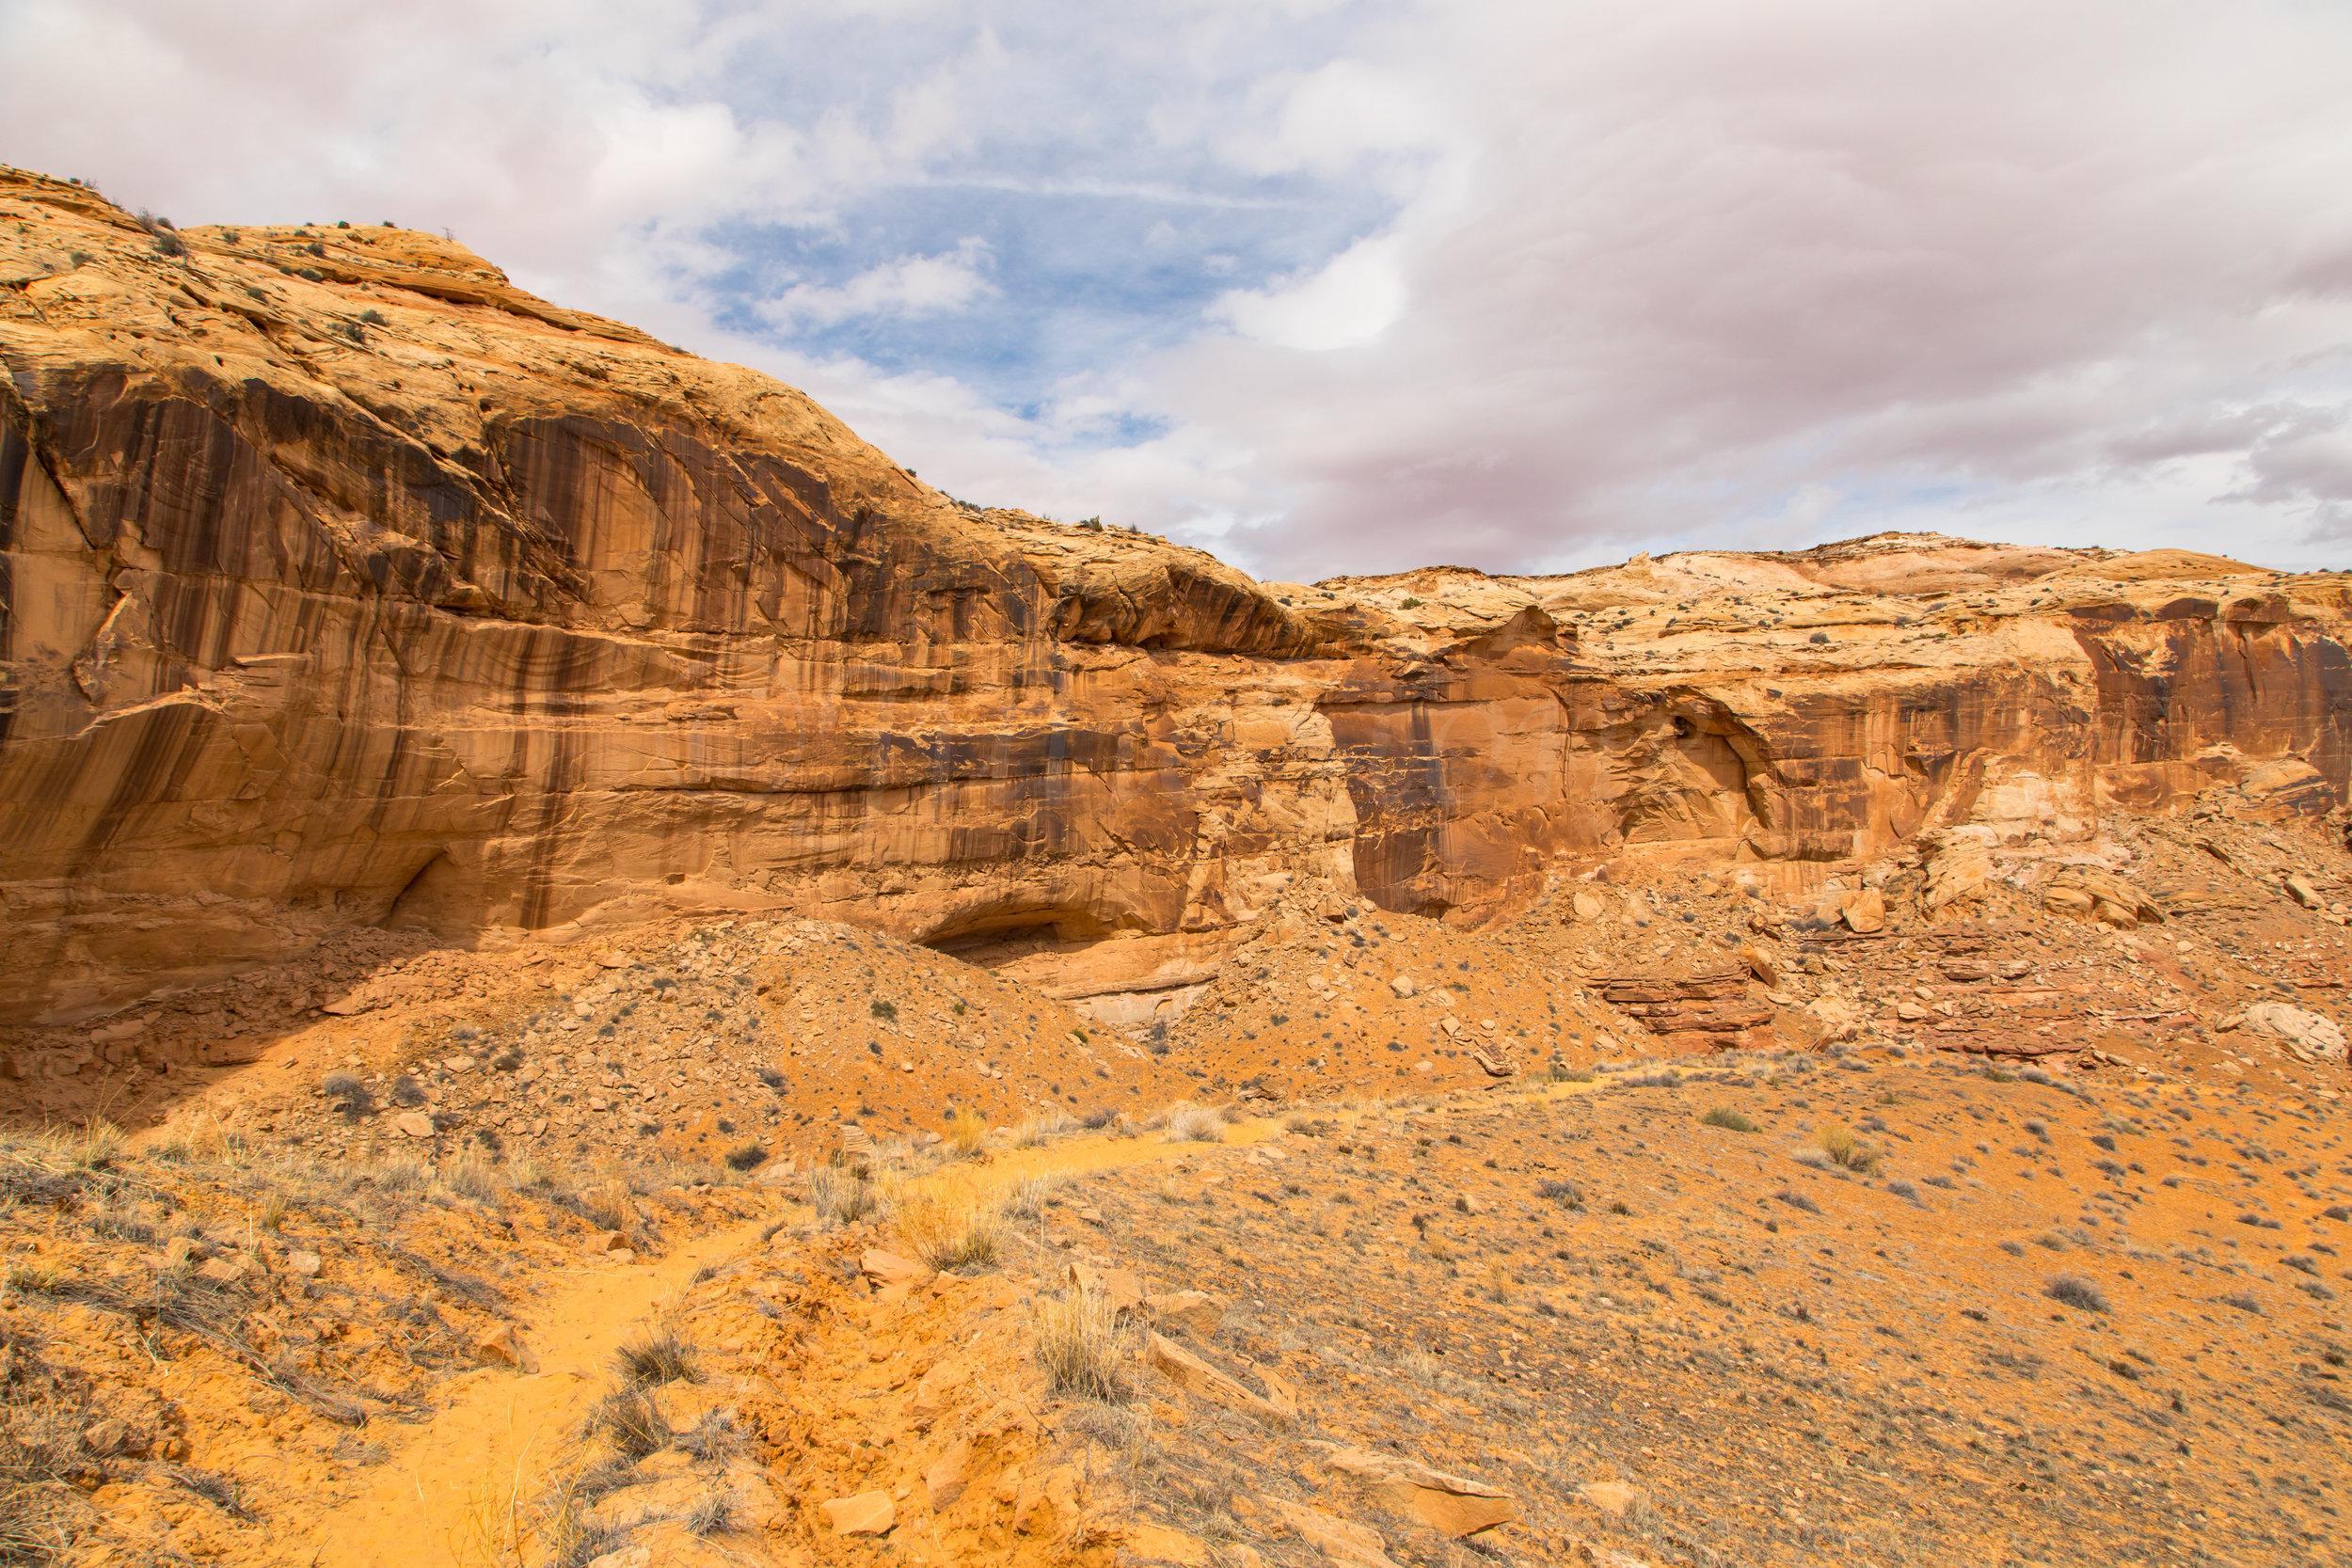 Horseshoe Canyon, Image # 9239